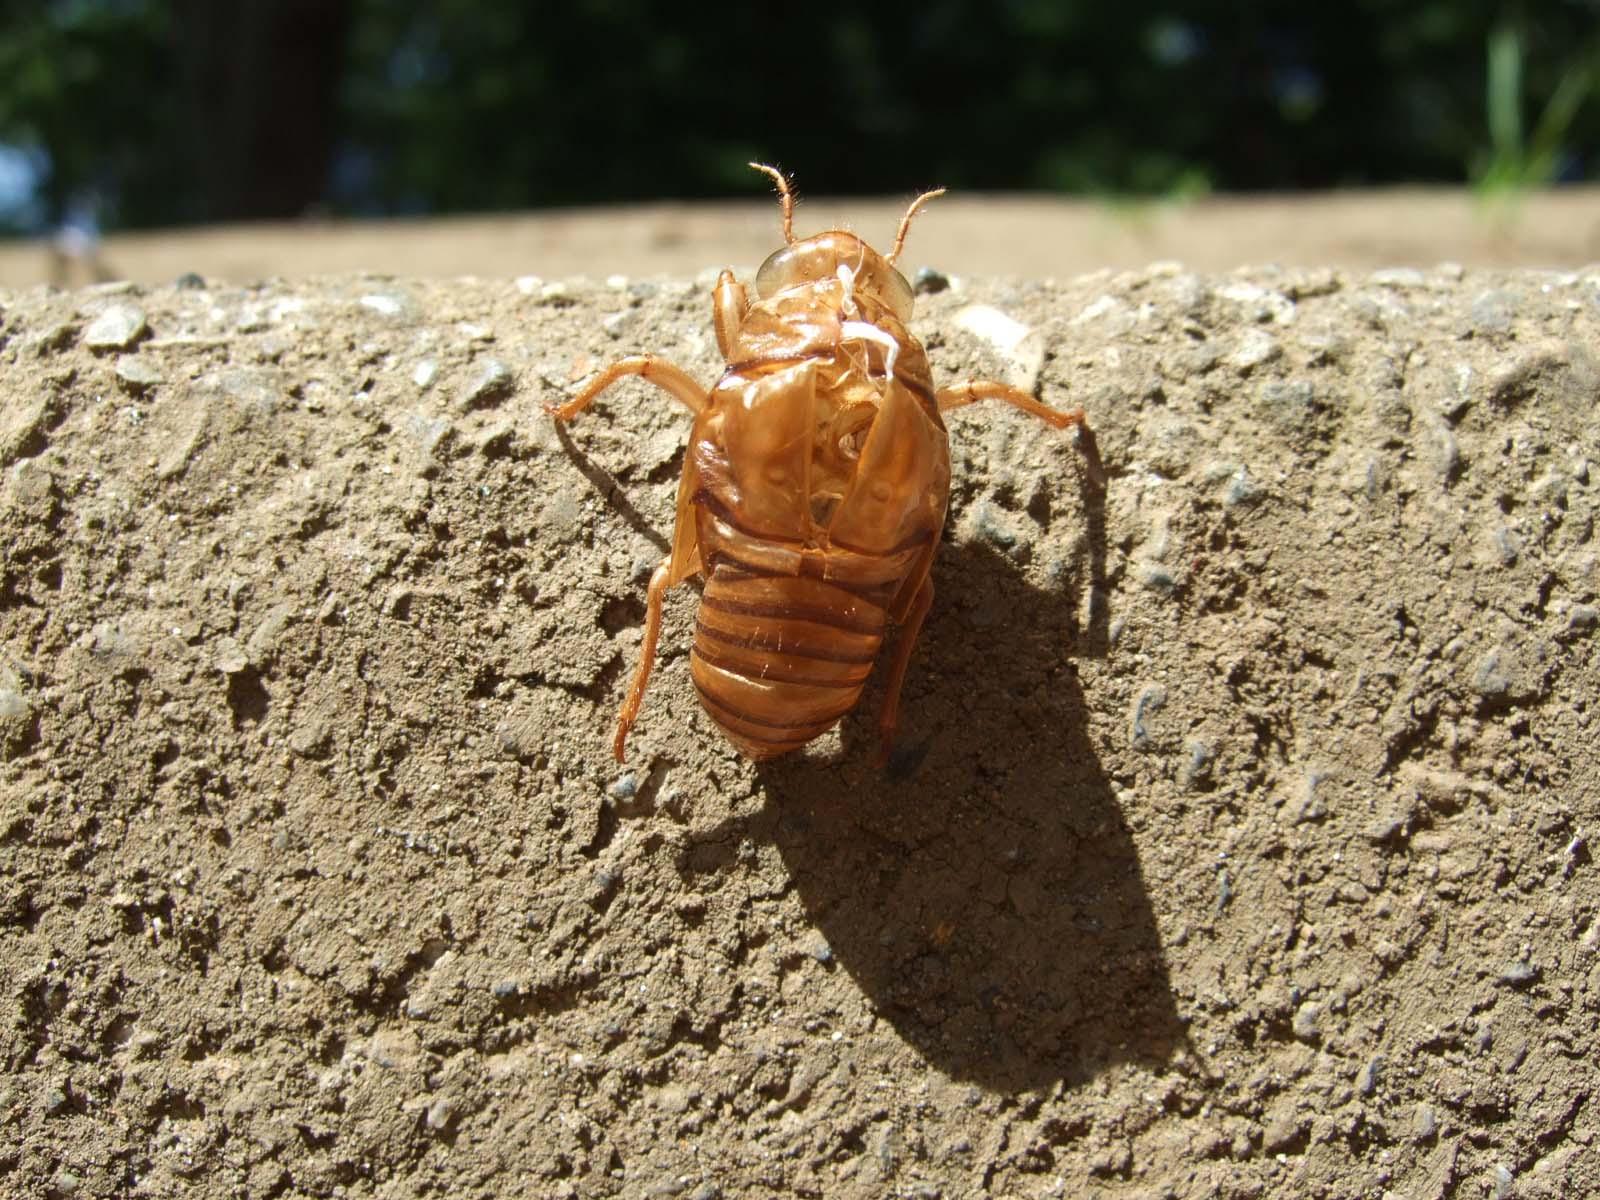 蟬の脱け殻,昆虫〈著作権フリー無料画像〉Free Stock Photos